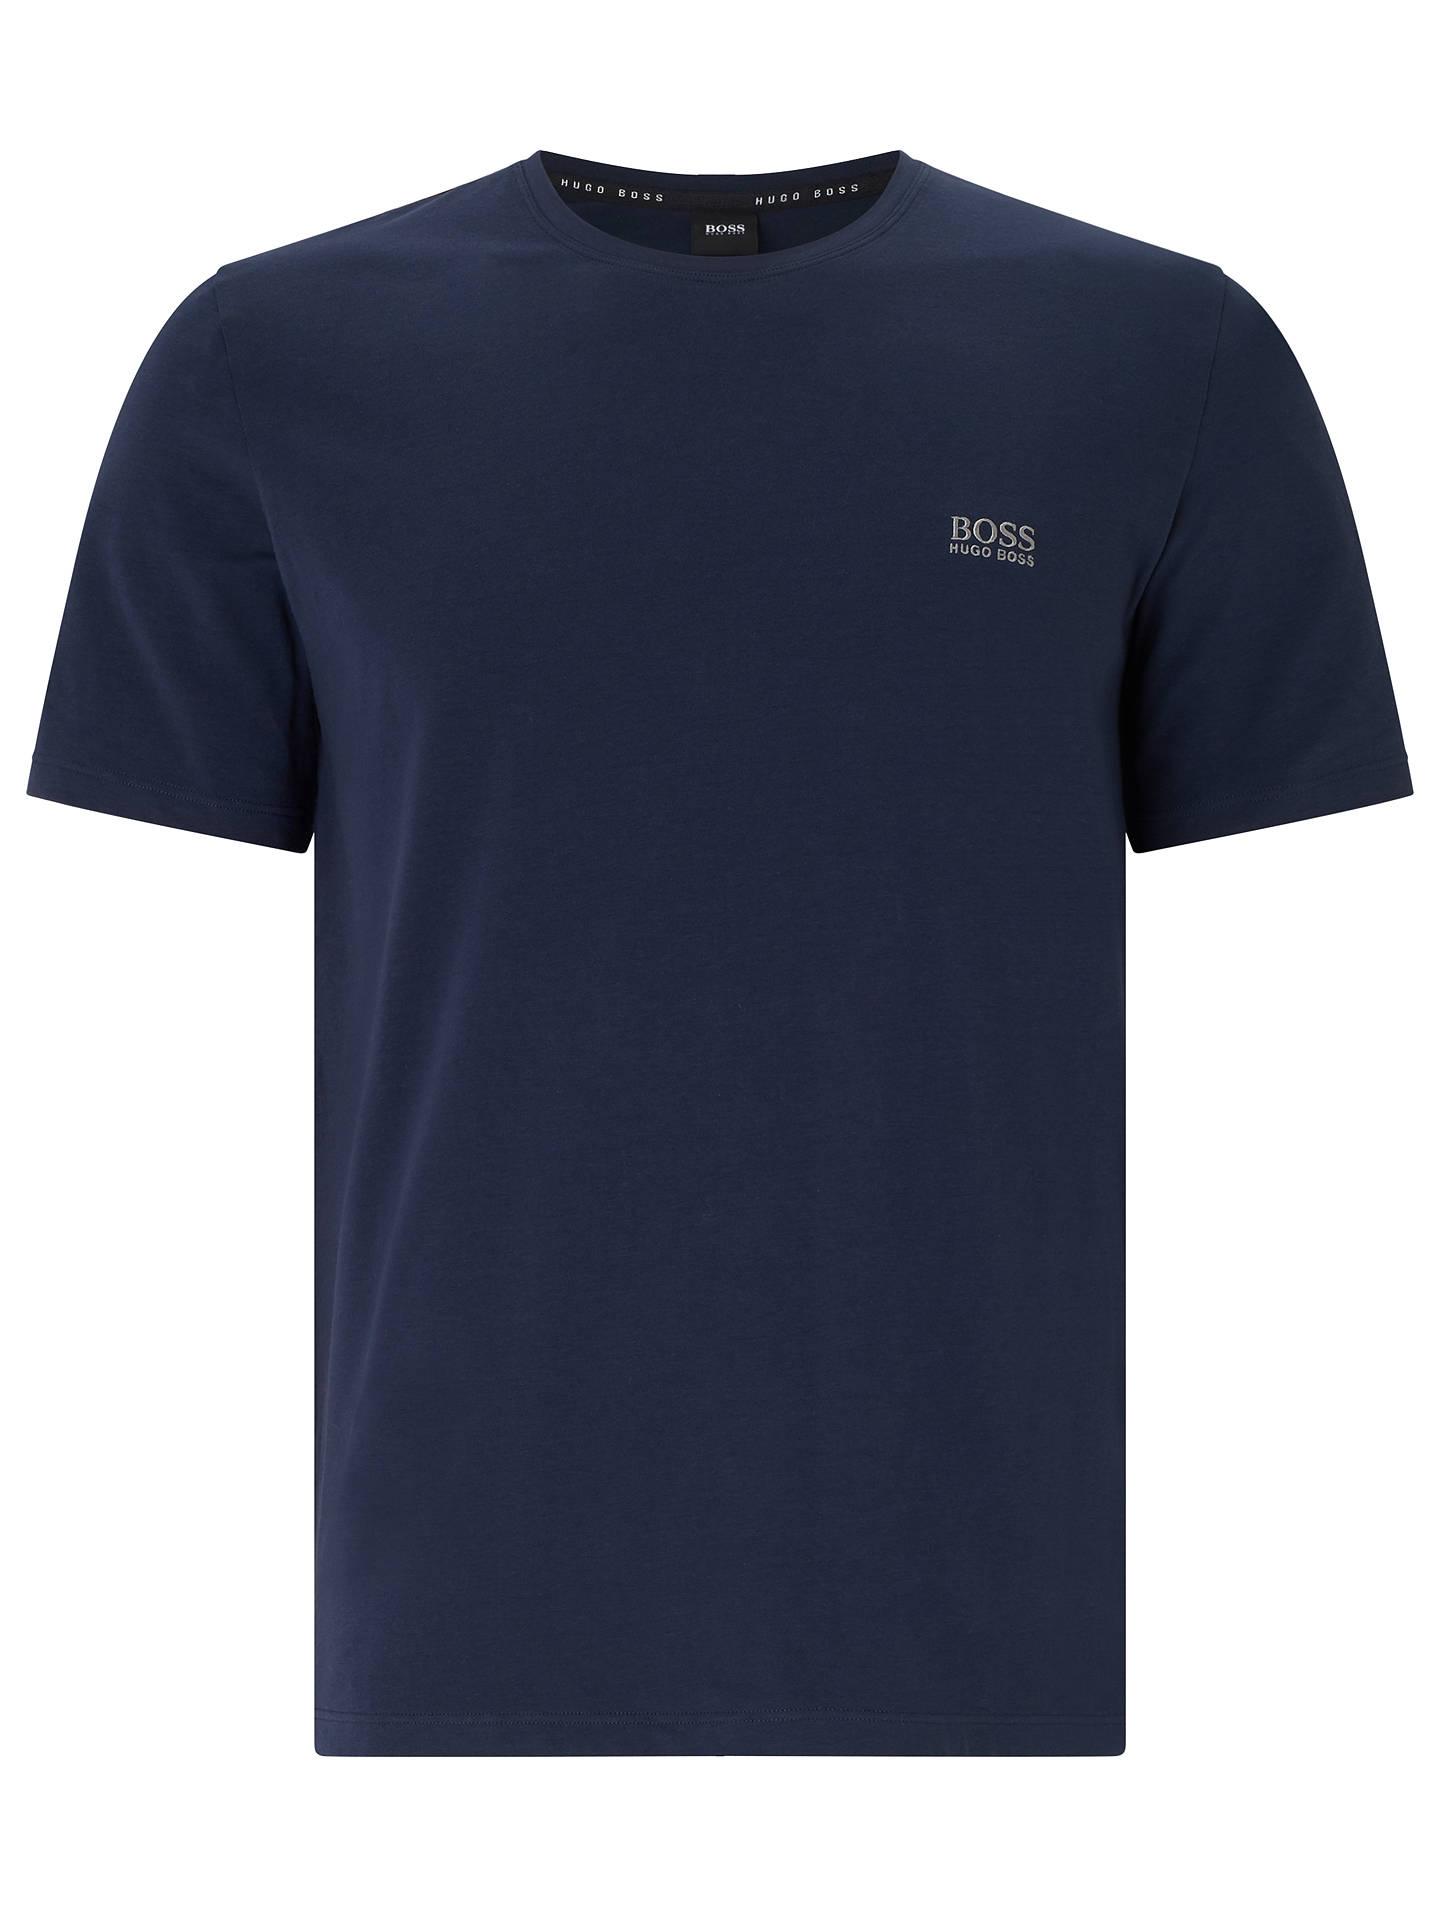 b3e421ddb Buy BOSS Mix Match Logo T-Shirt, Navy, M Online at johnlewis.